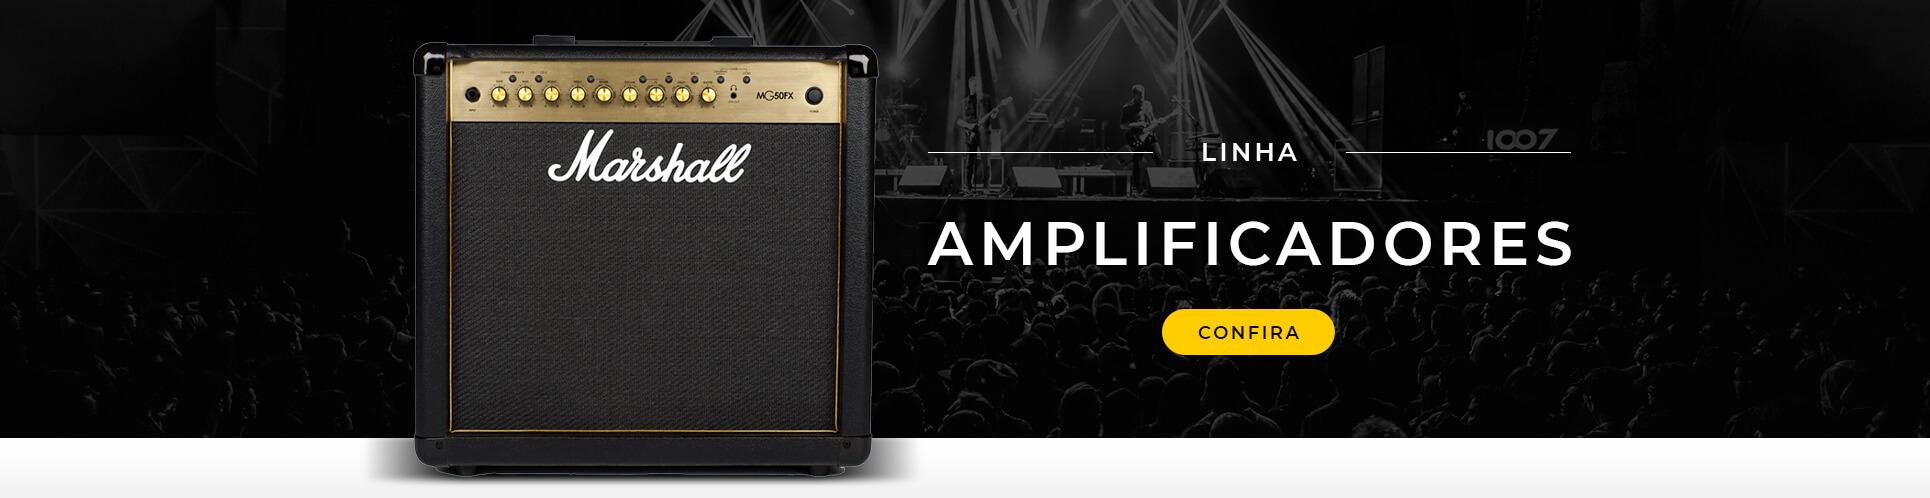 Amplificadores para todo tipo de Instrumento, aproveite e adquira o seu!